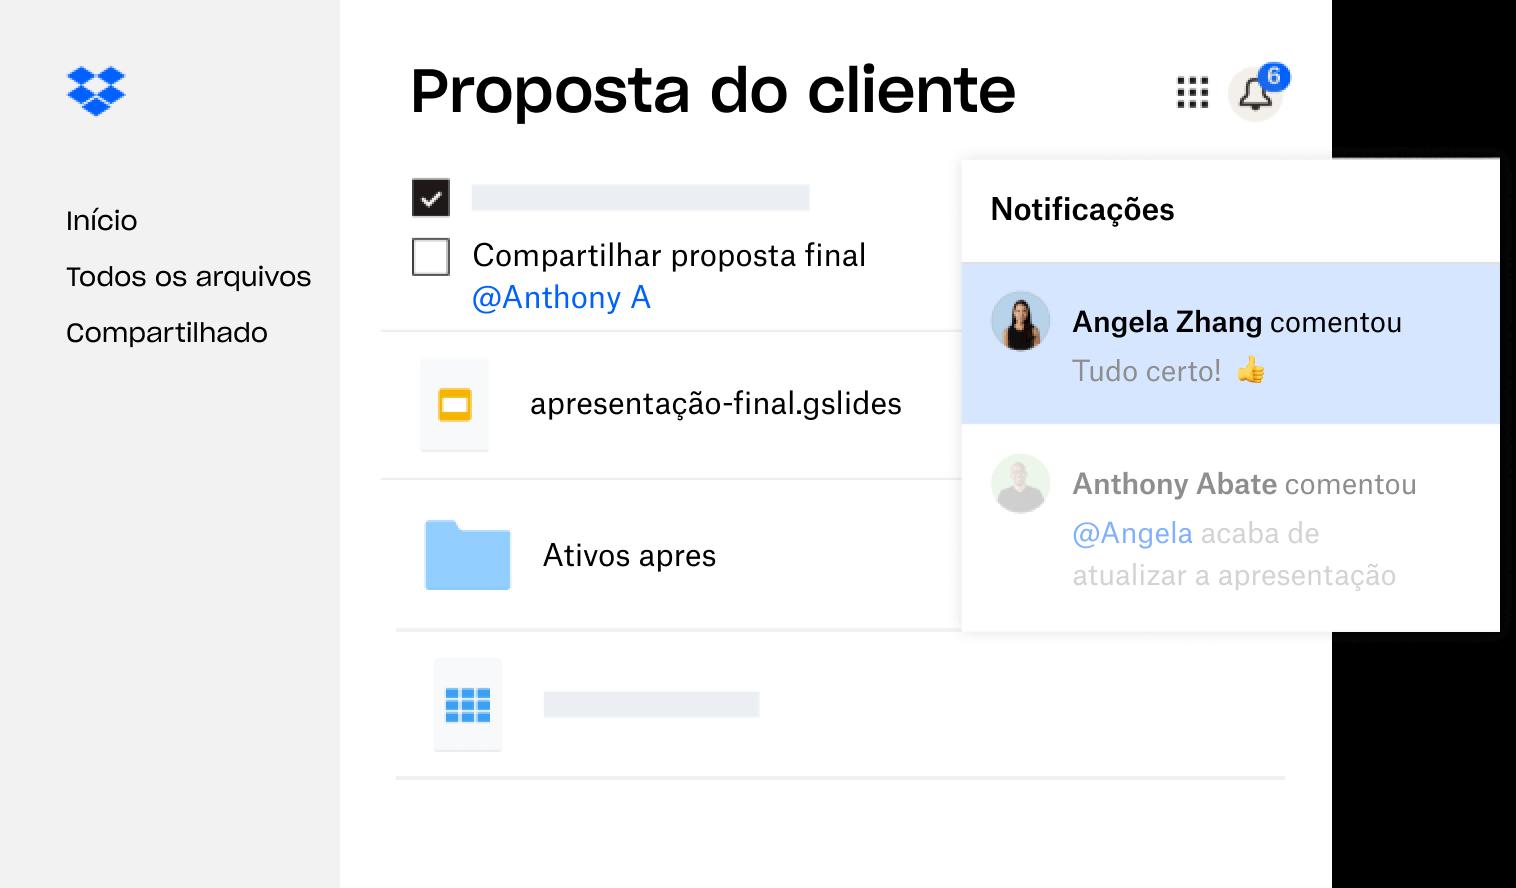 Uma proposta de cliente criada no Dropbox é compartilhada com vários usuários que deixaram comentários.